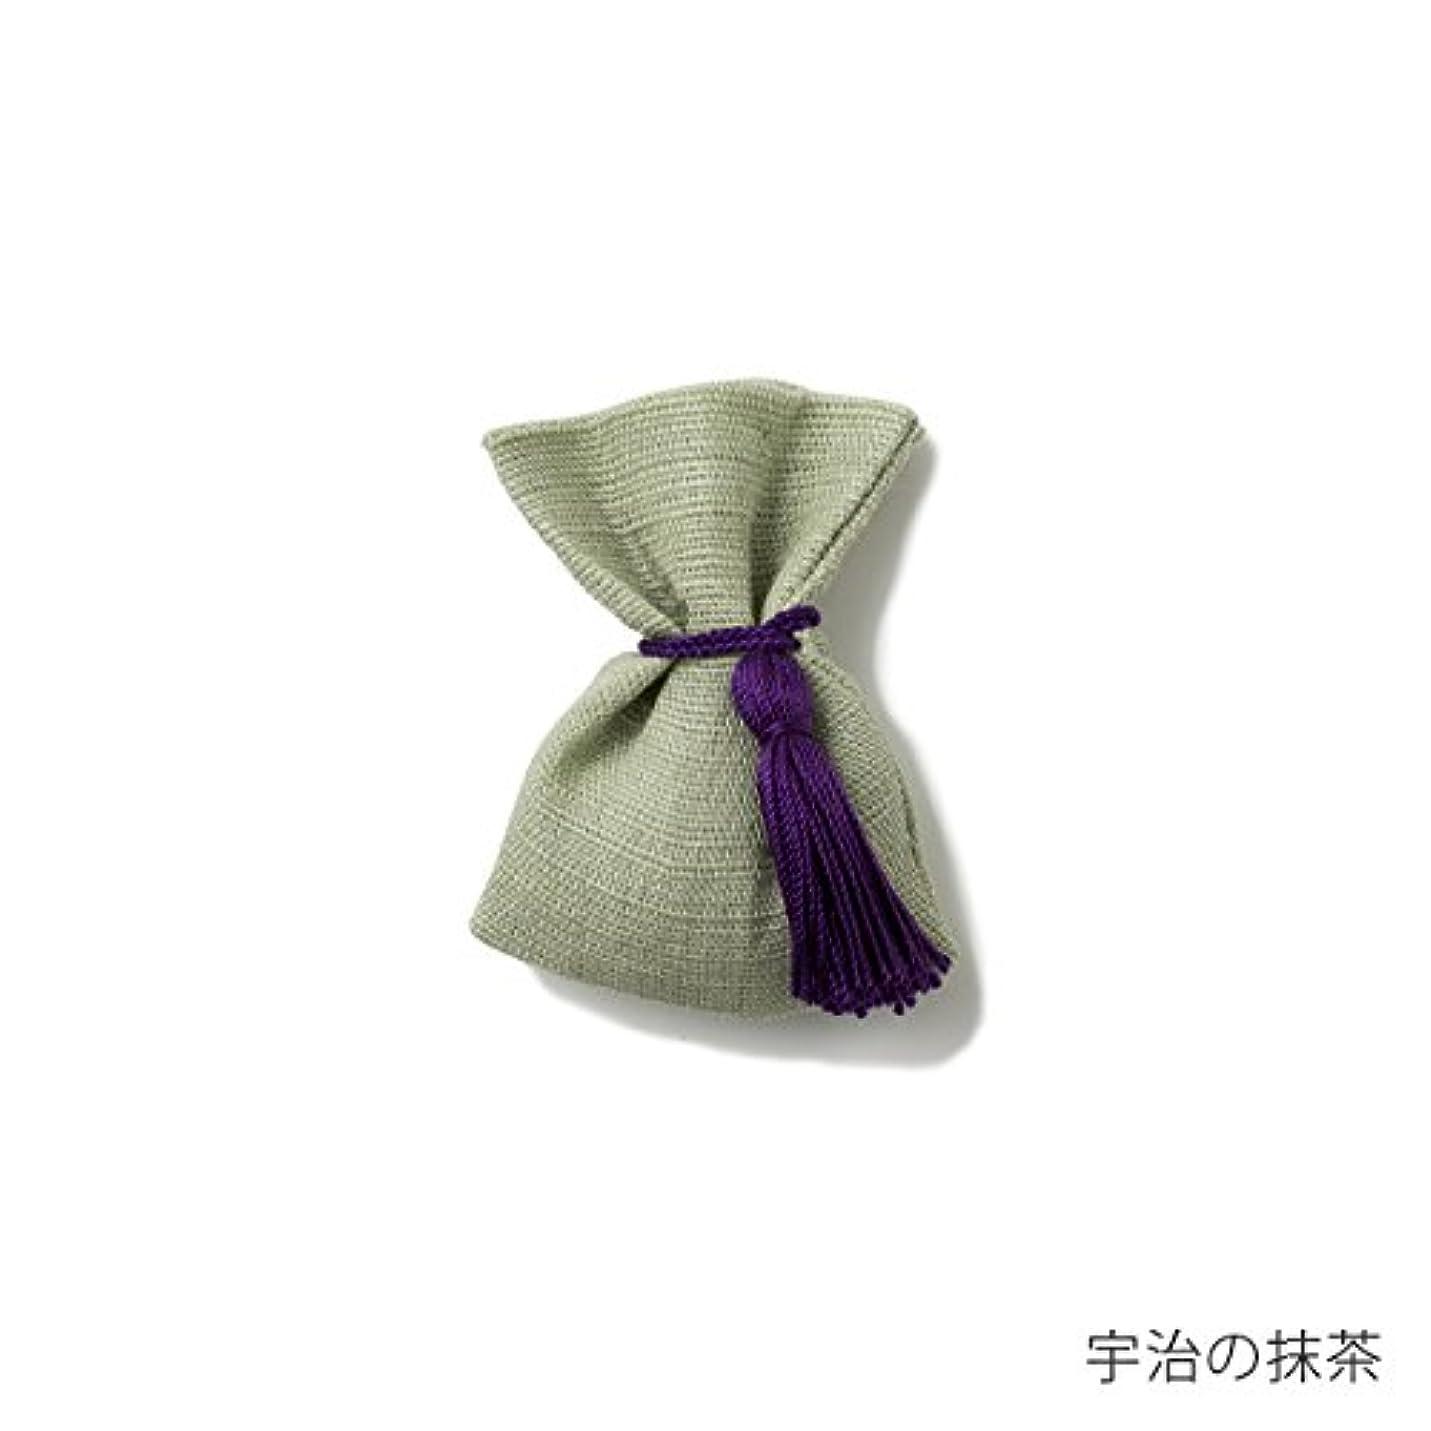 ヘア枢機卿移住する【薫玉堂】 京の香り 香袋 宇治の抹茶